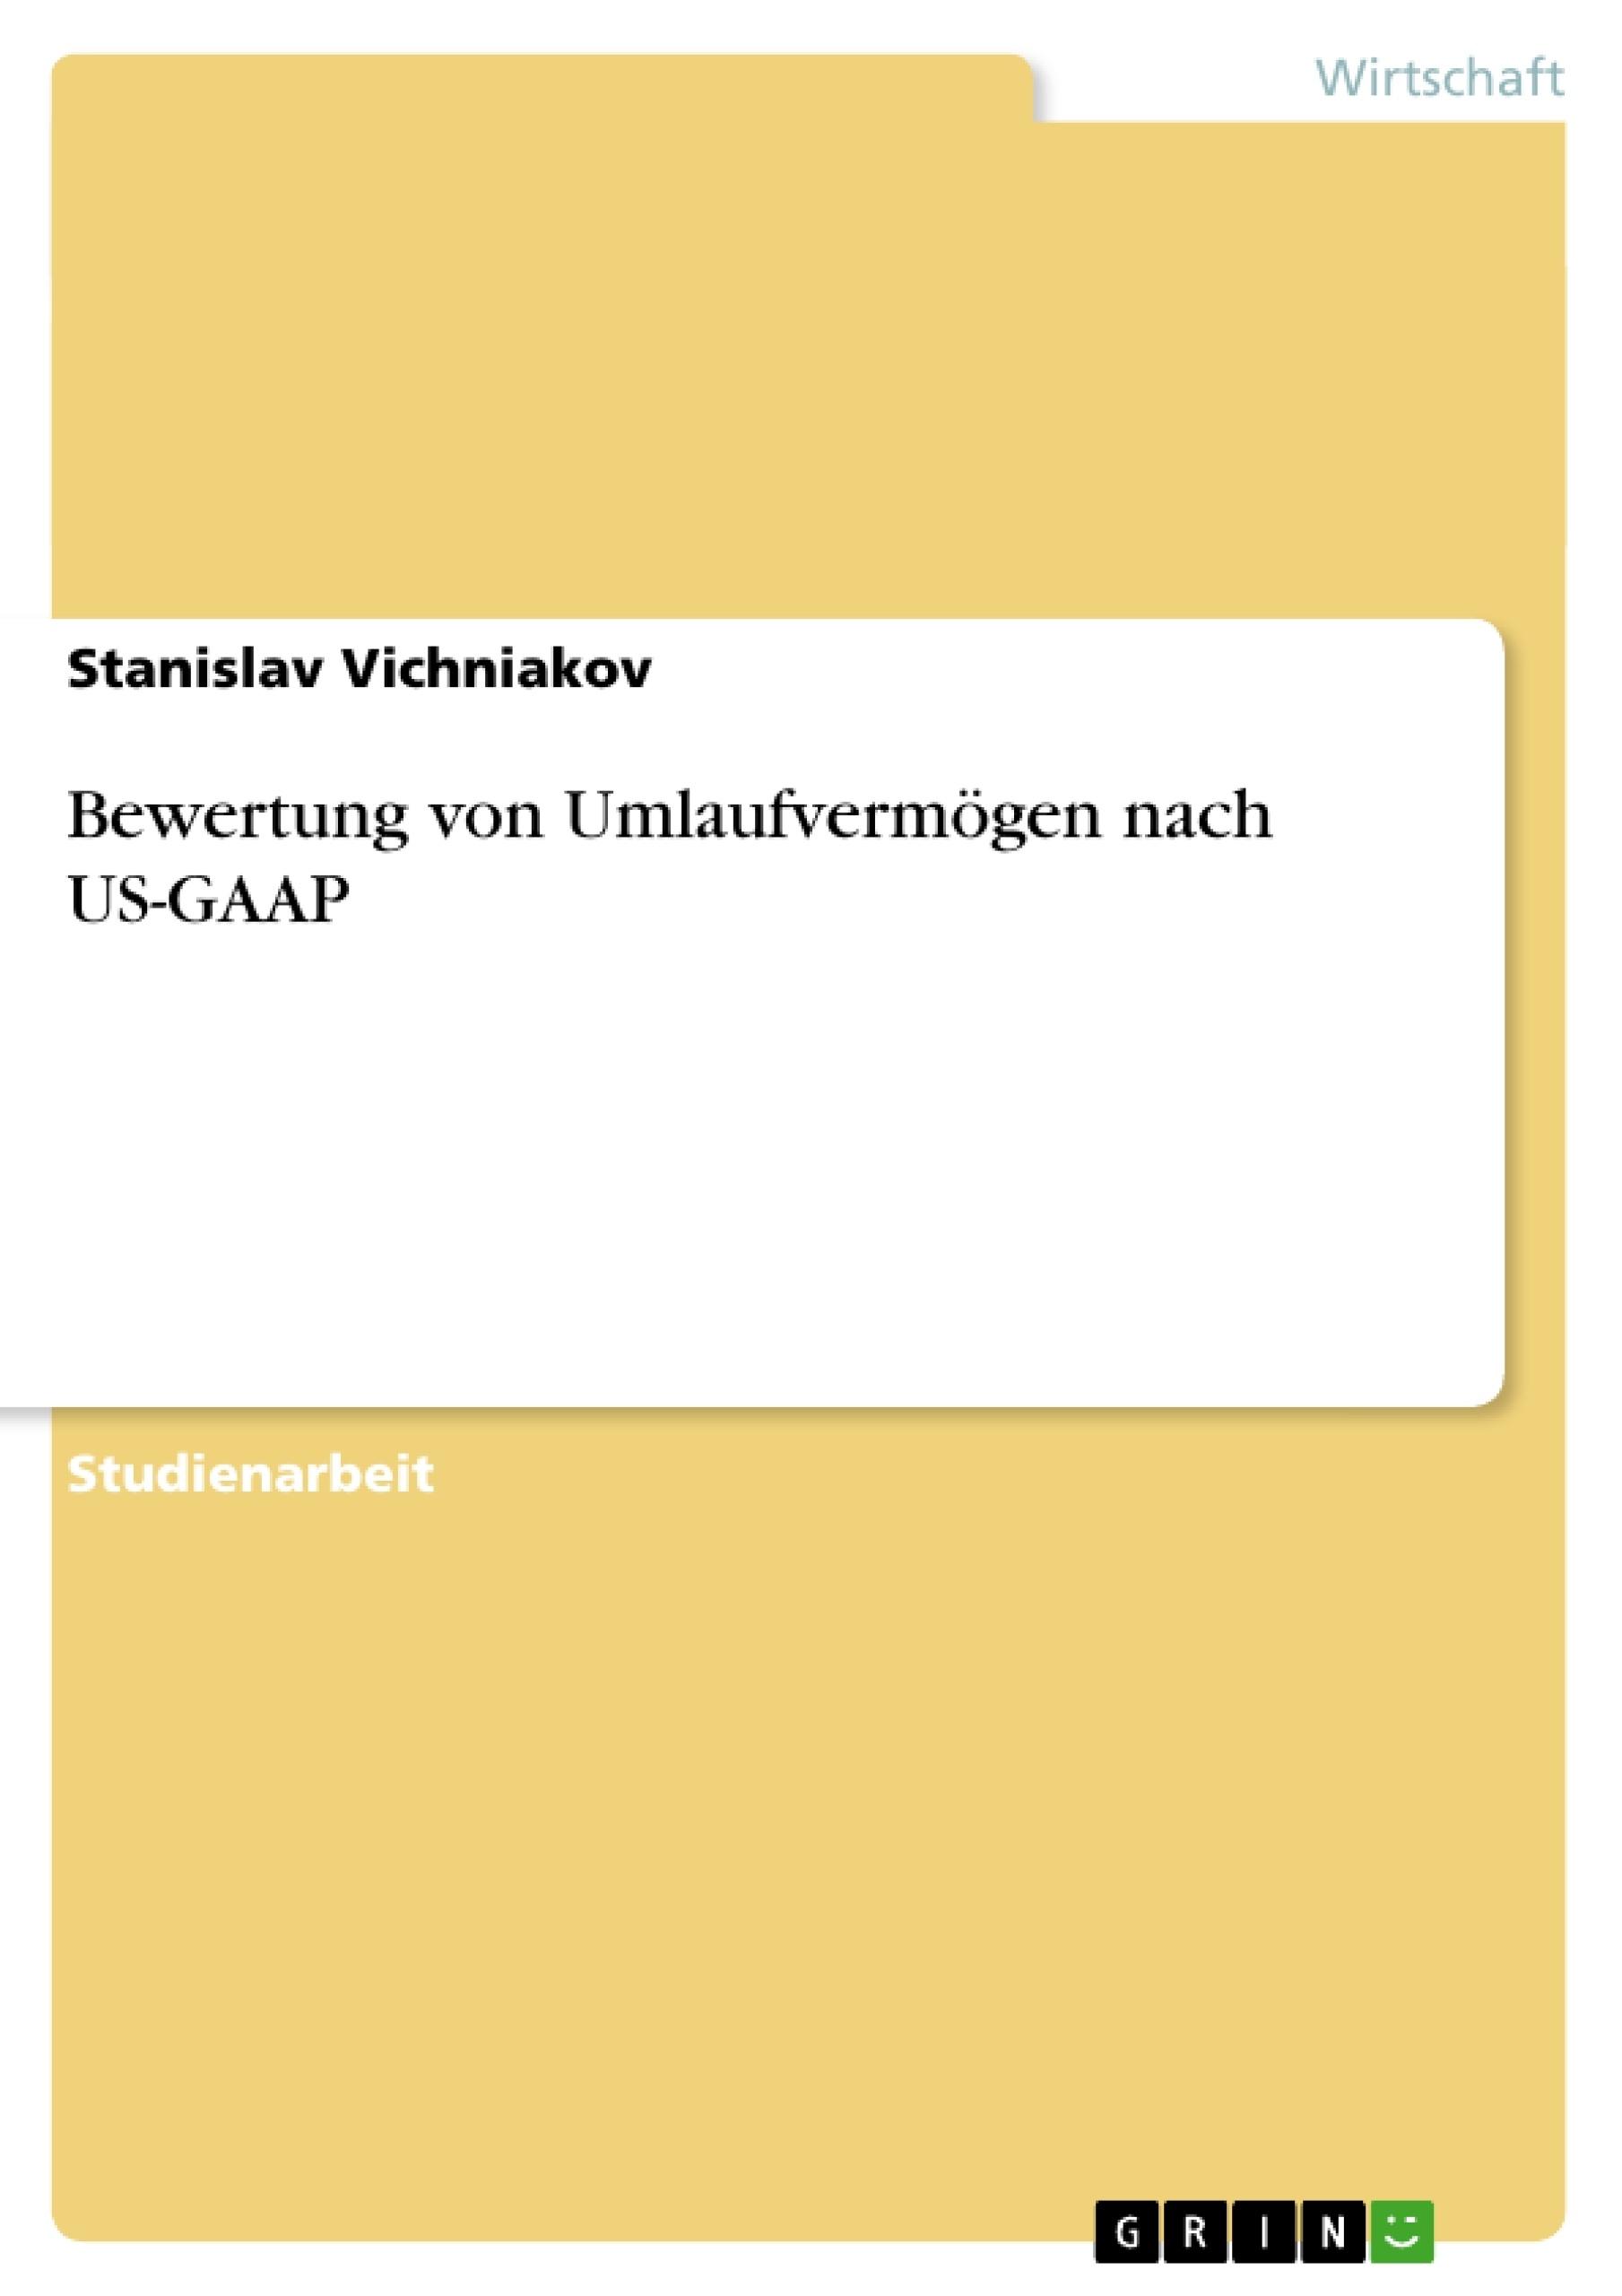 Titel: Bewertung von Umlaufvermögen nach US-GAAP